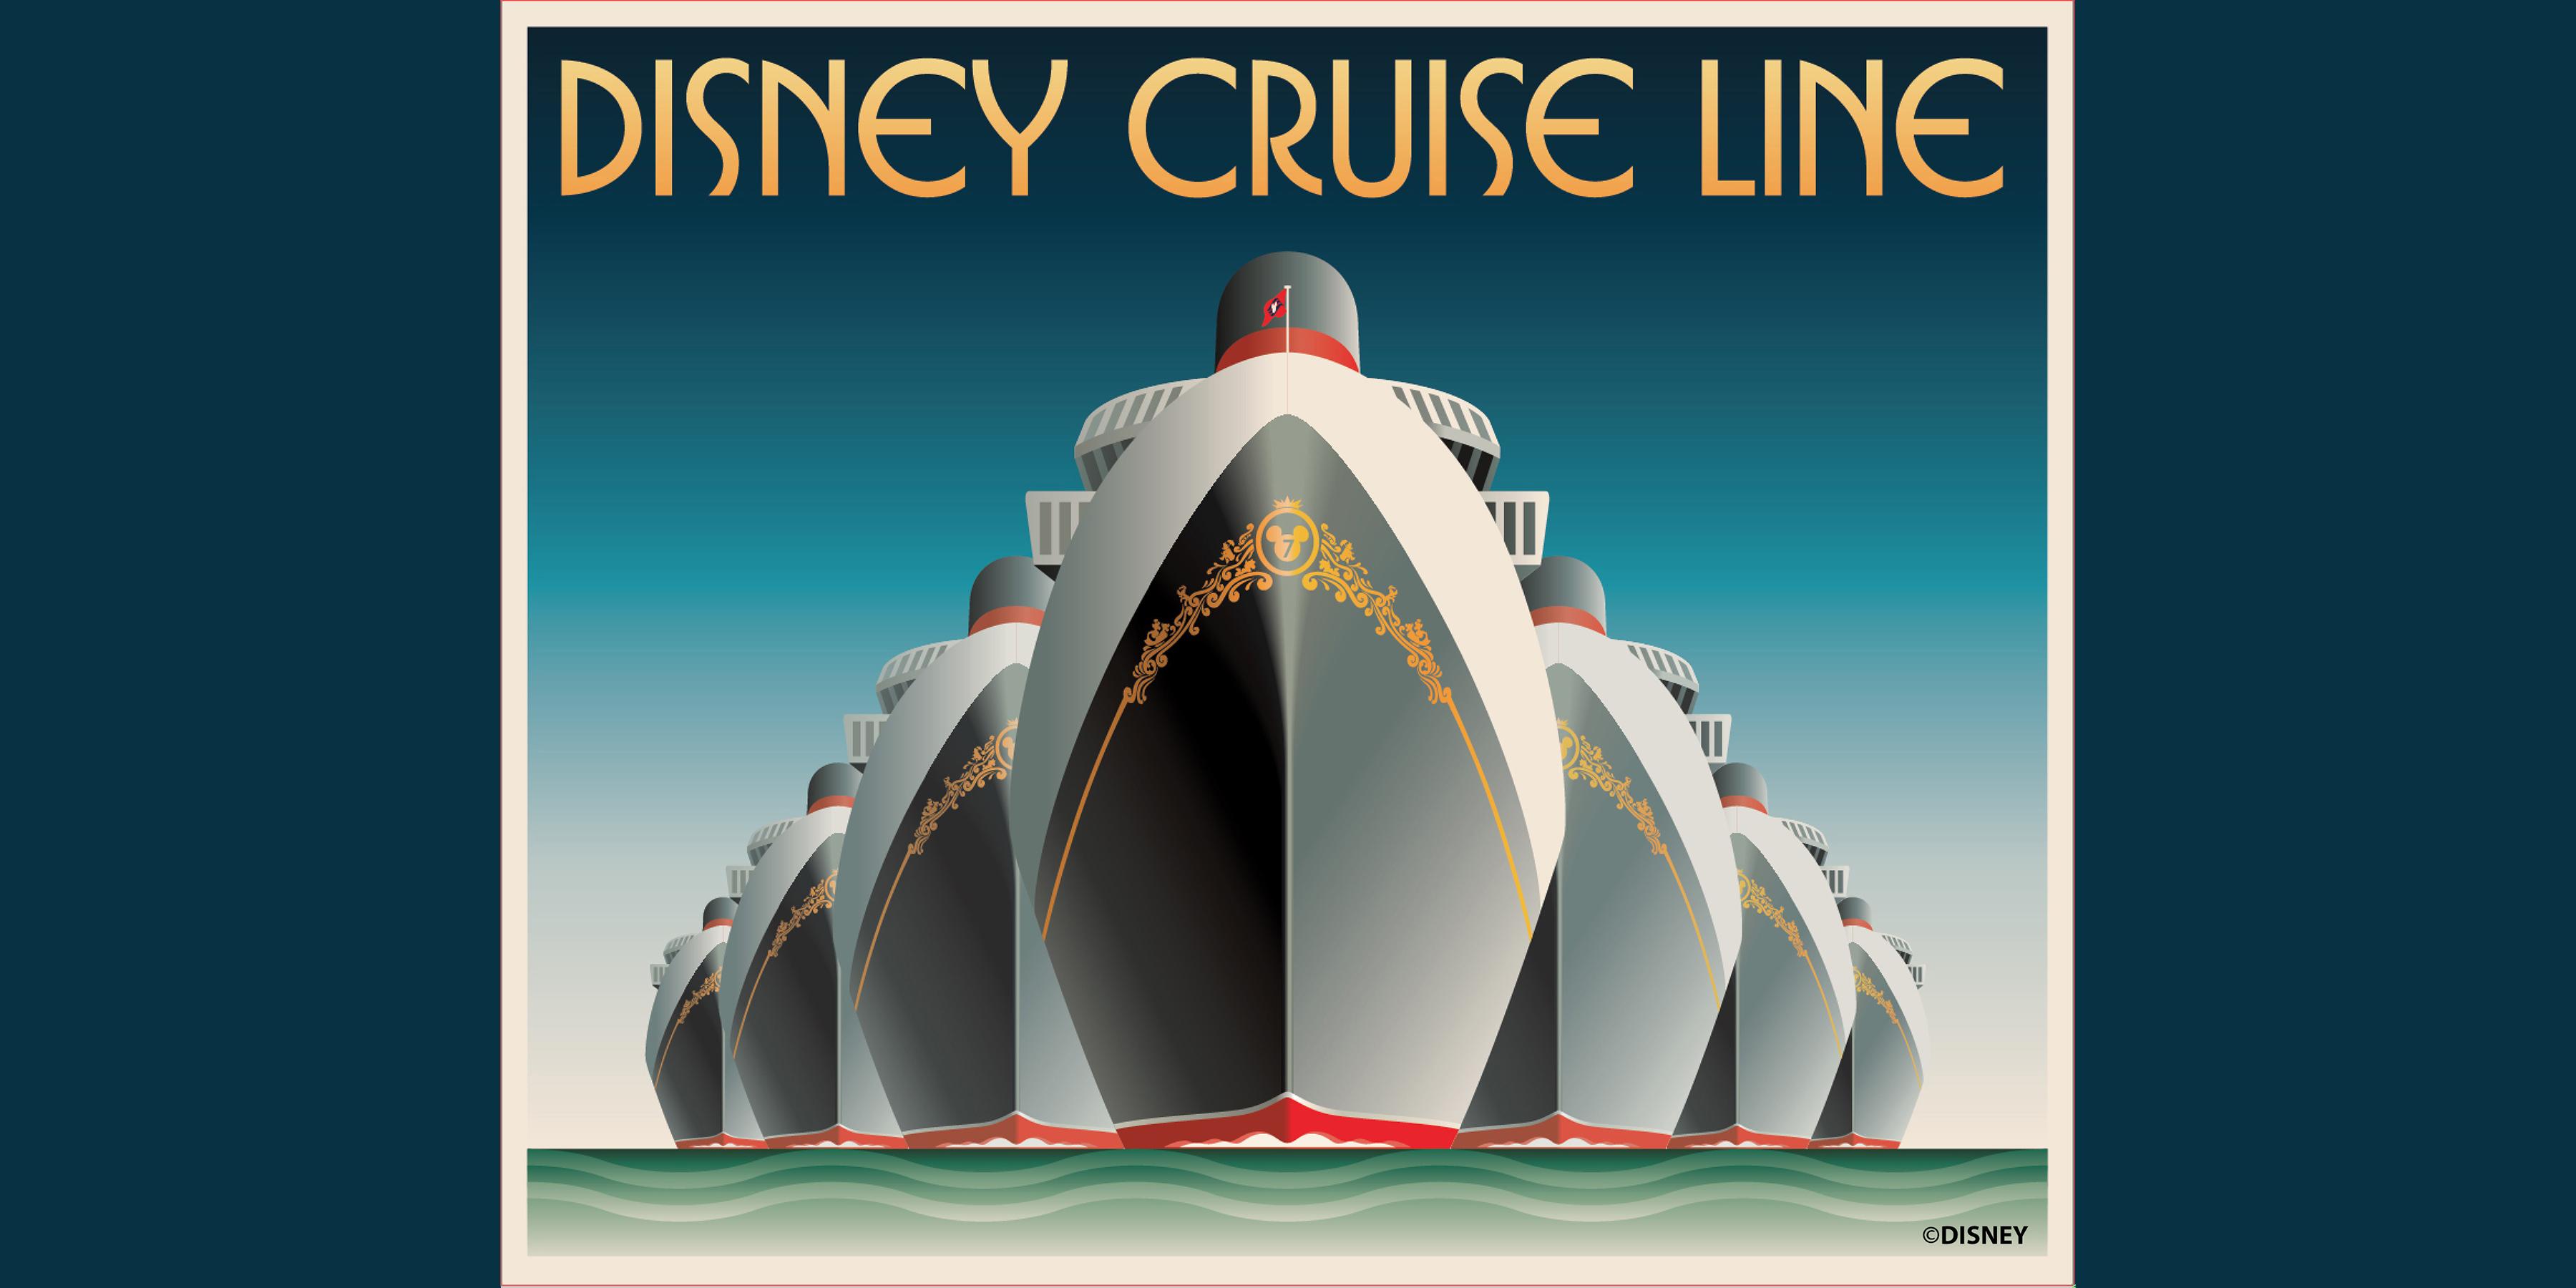 Disney Cruise Line Surprises D23 Fans with Announcement of Seventh